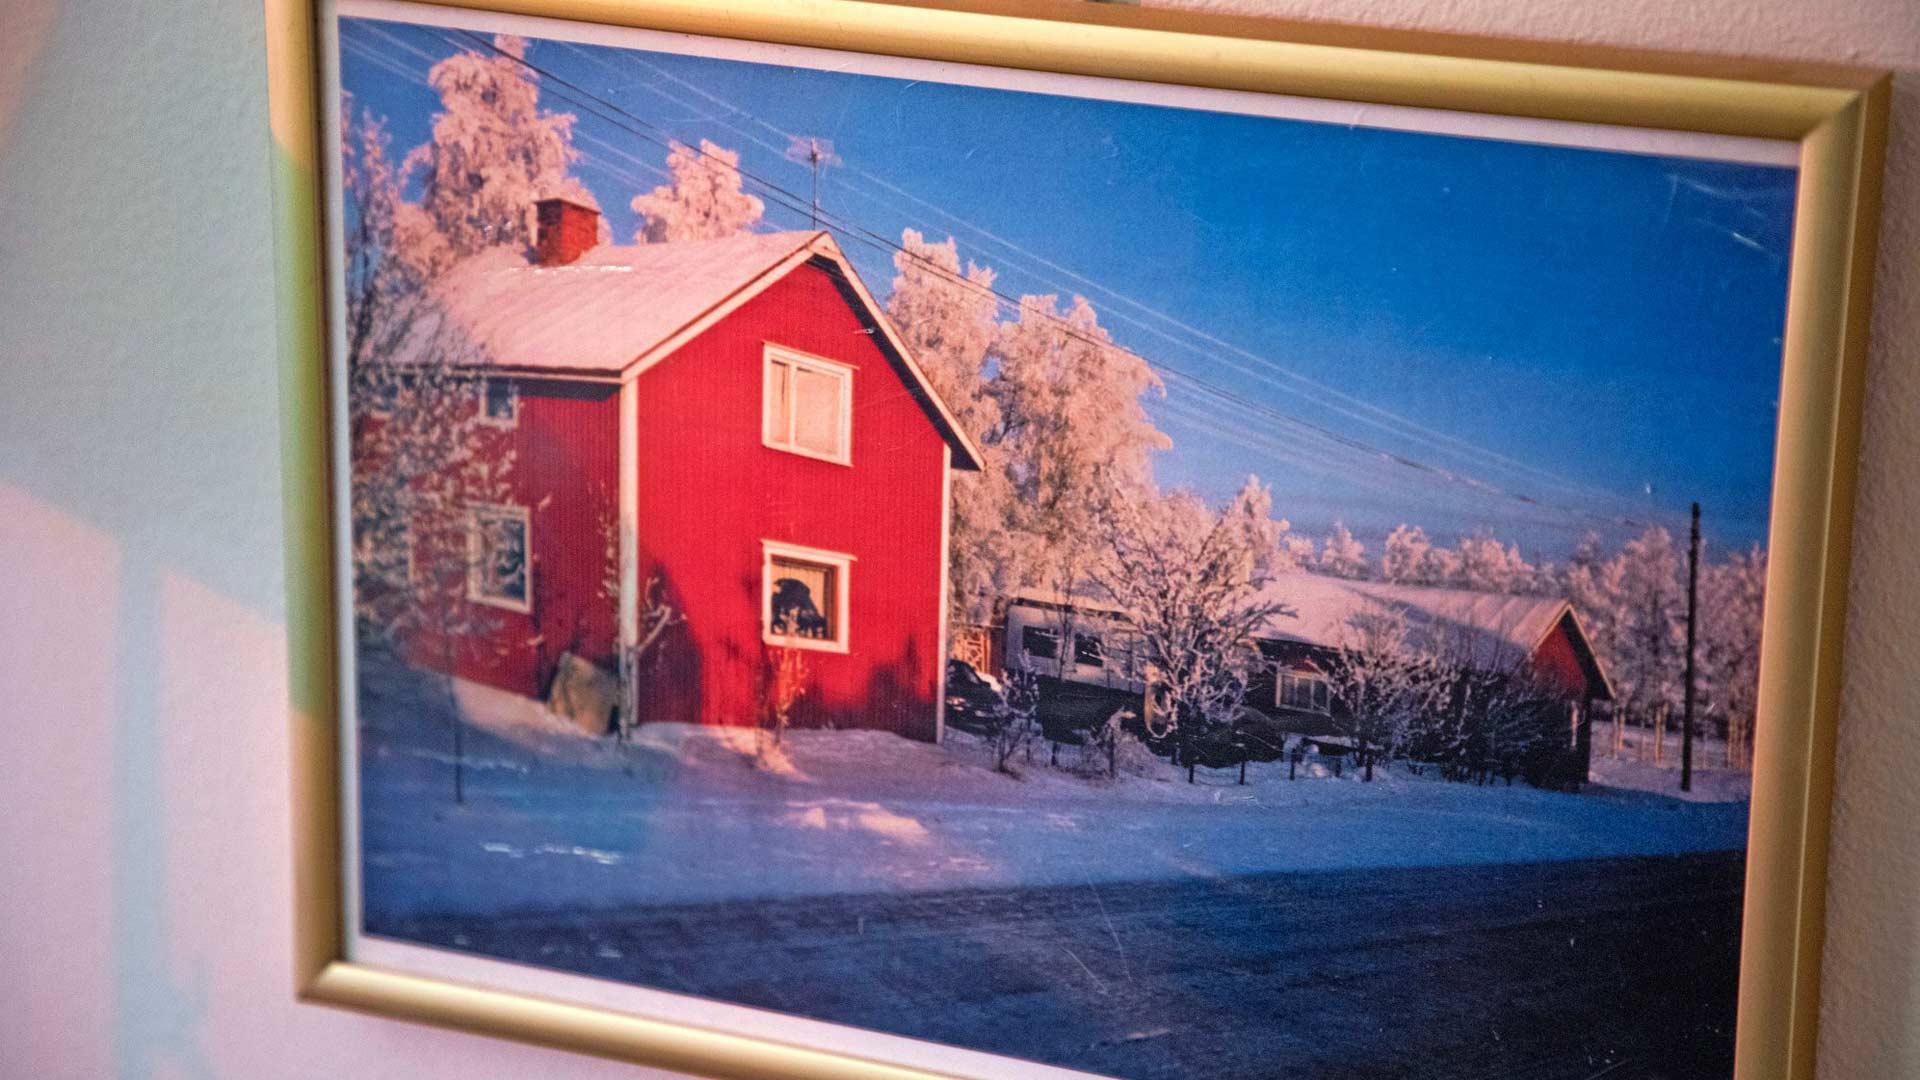 Monien ruotsinsuomalaisten juuret juuret ovat Pohjois-Suomessa, jonne yhä palataan kesäisin.